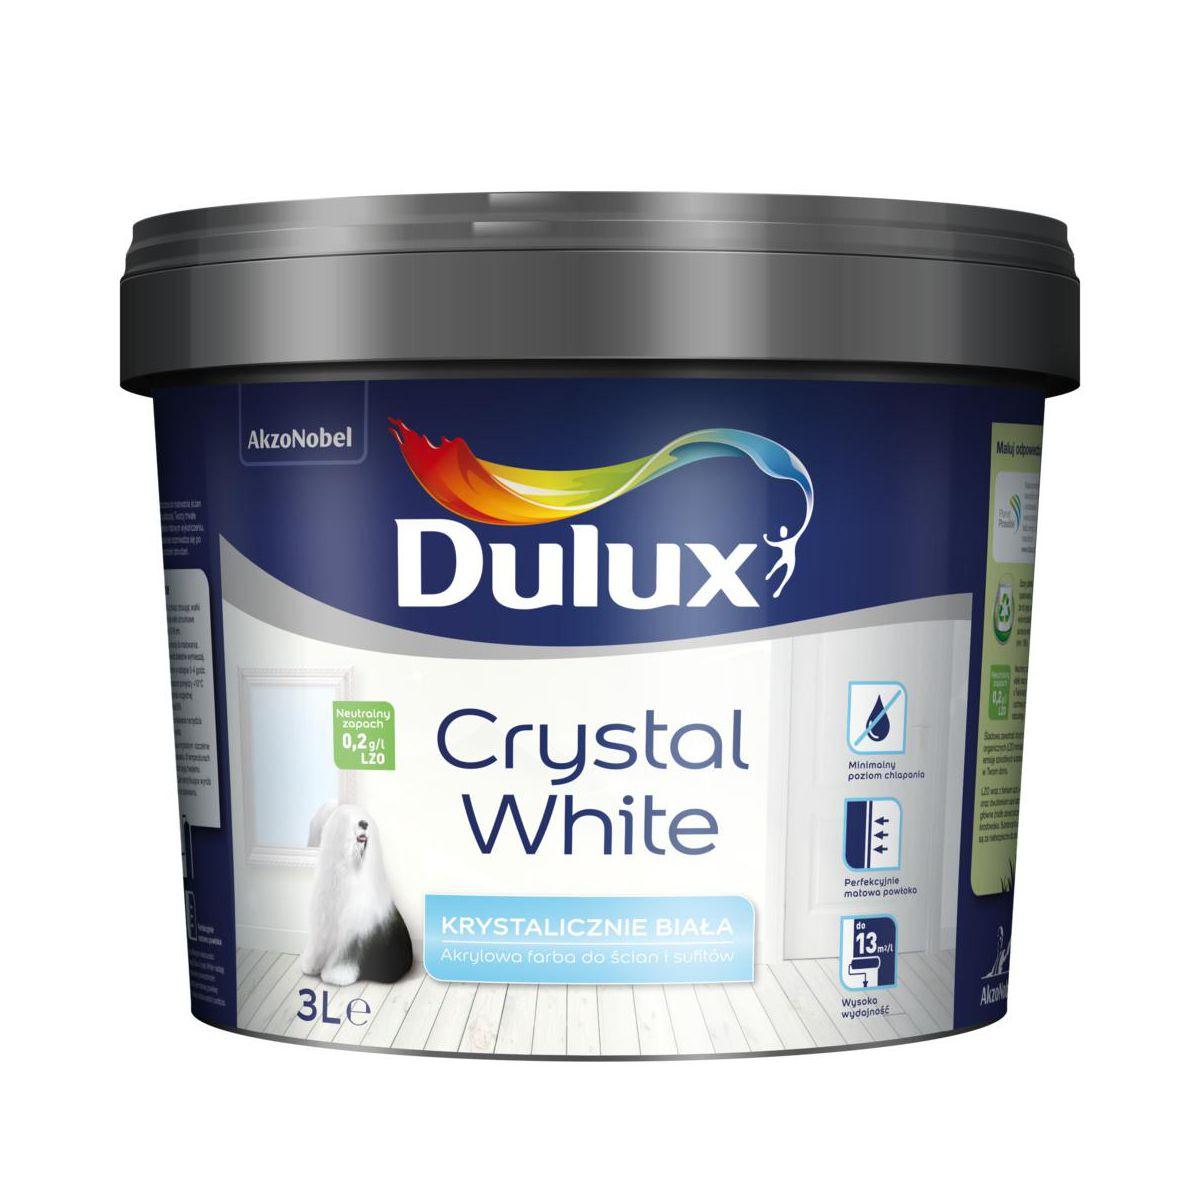 Farba Dulux Crystal White 3 L w cenie 1 zł, przy zakupie min. 5 litrów farby Dulux - Leroy Merlin